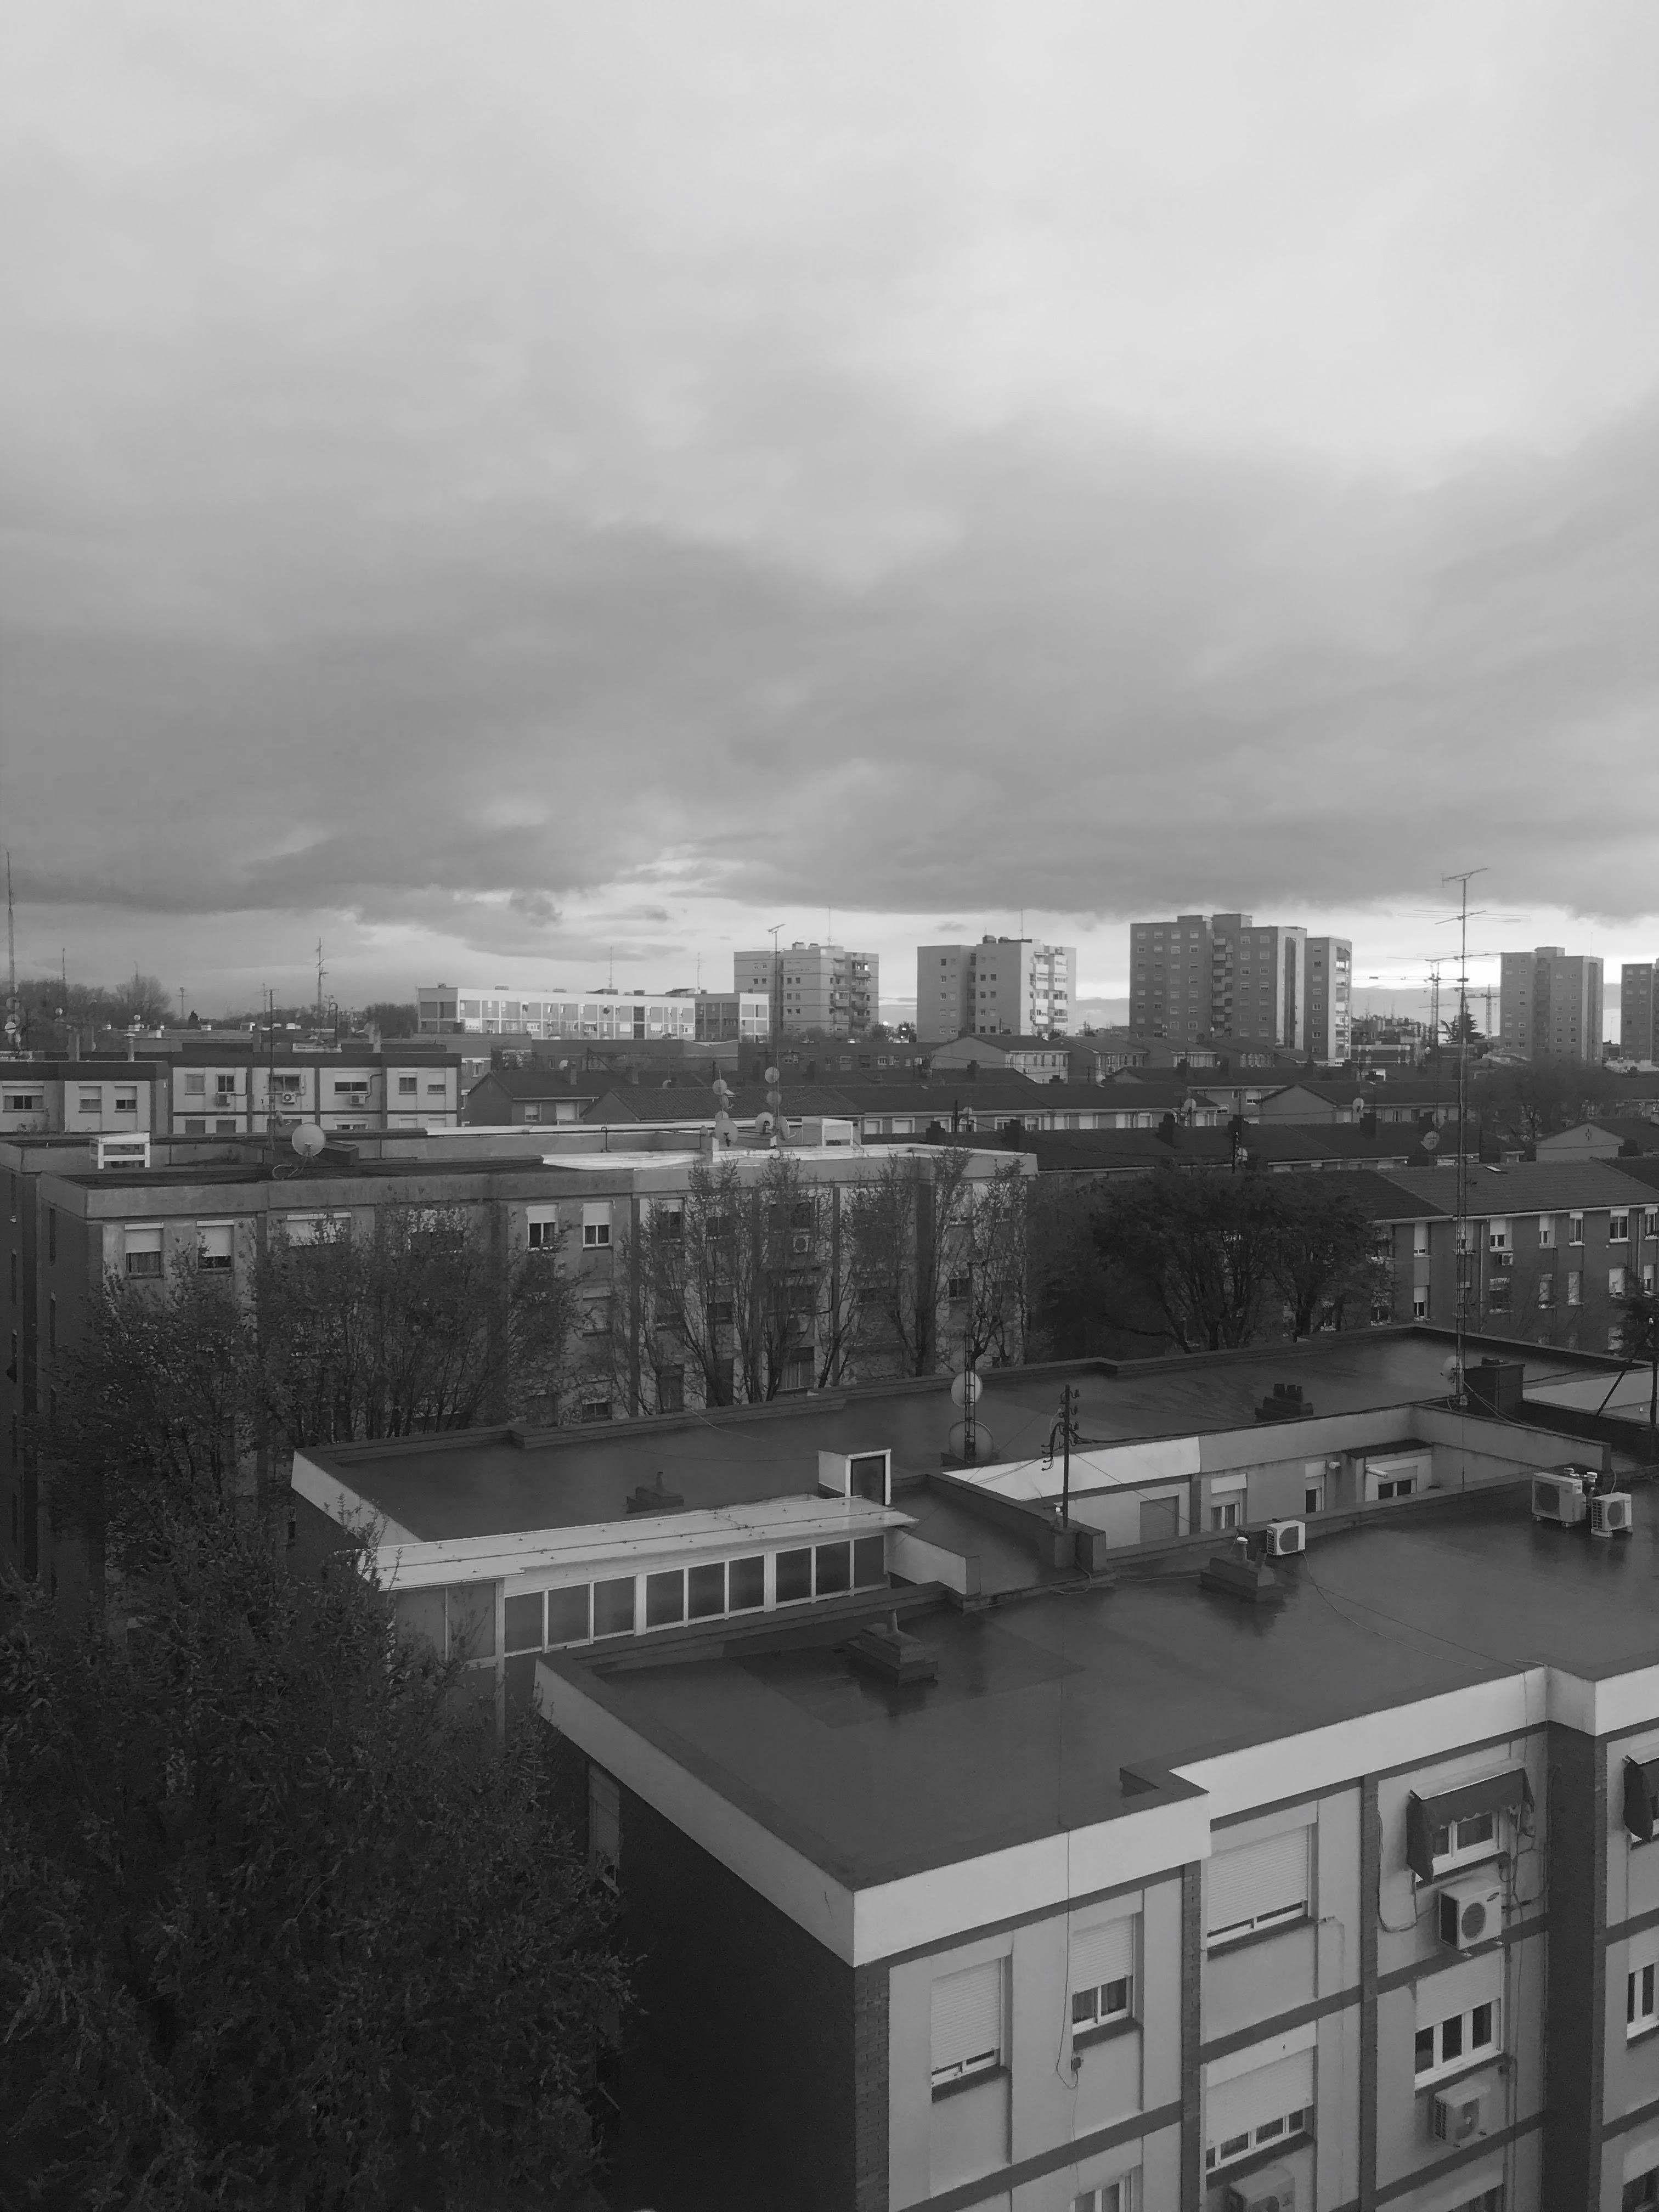 imagen de un barrio de una ciudad con el cielo nublado